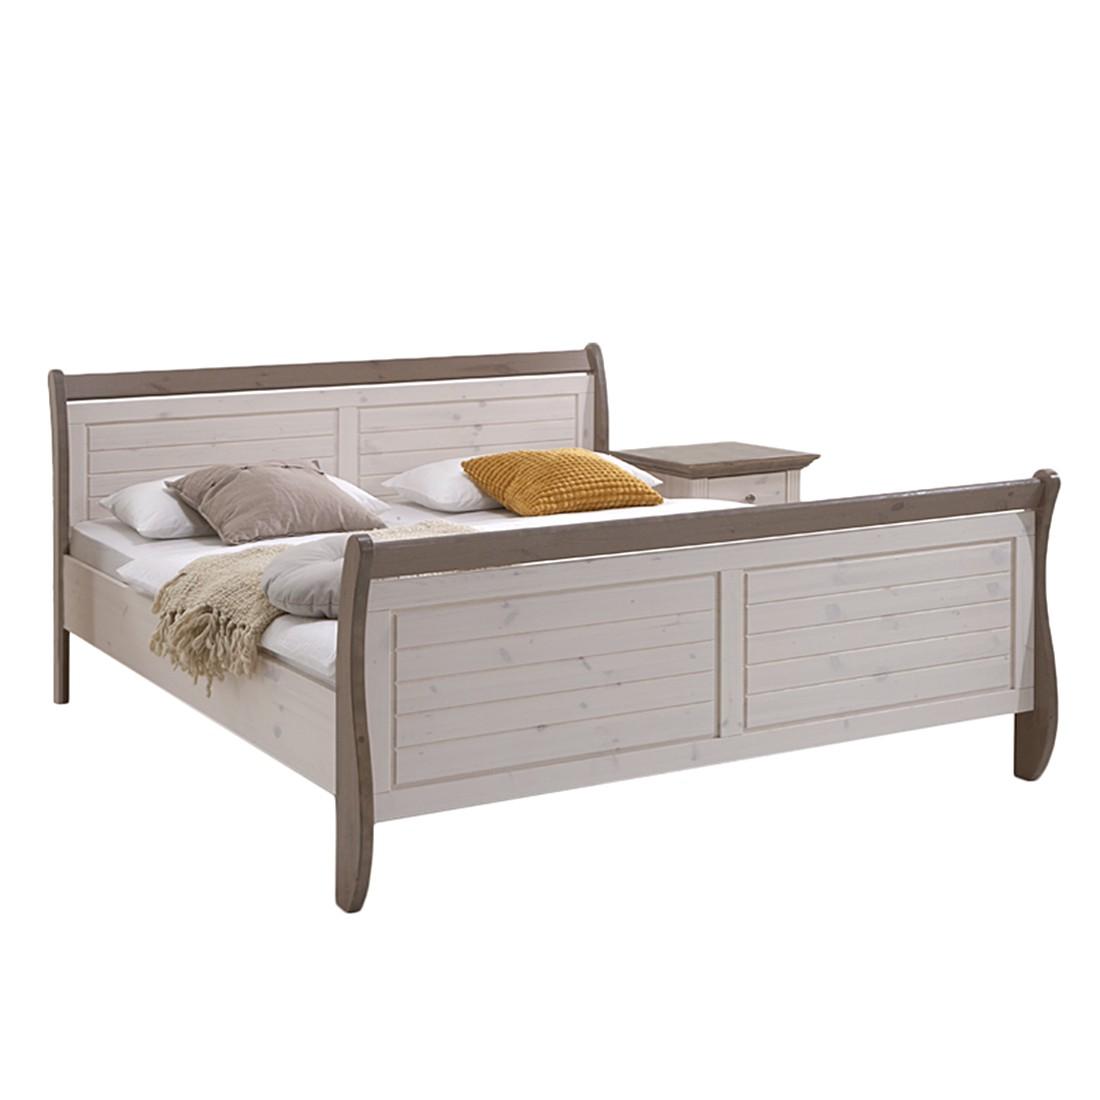 goedkoop Massief houten bed Lyngby 140 x 200cm Wit steengrijs Gebeitst beukenhouten walnoot & gelakt grenenhout Maison Belfort